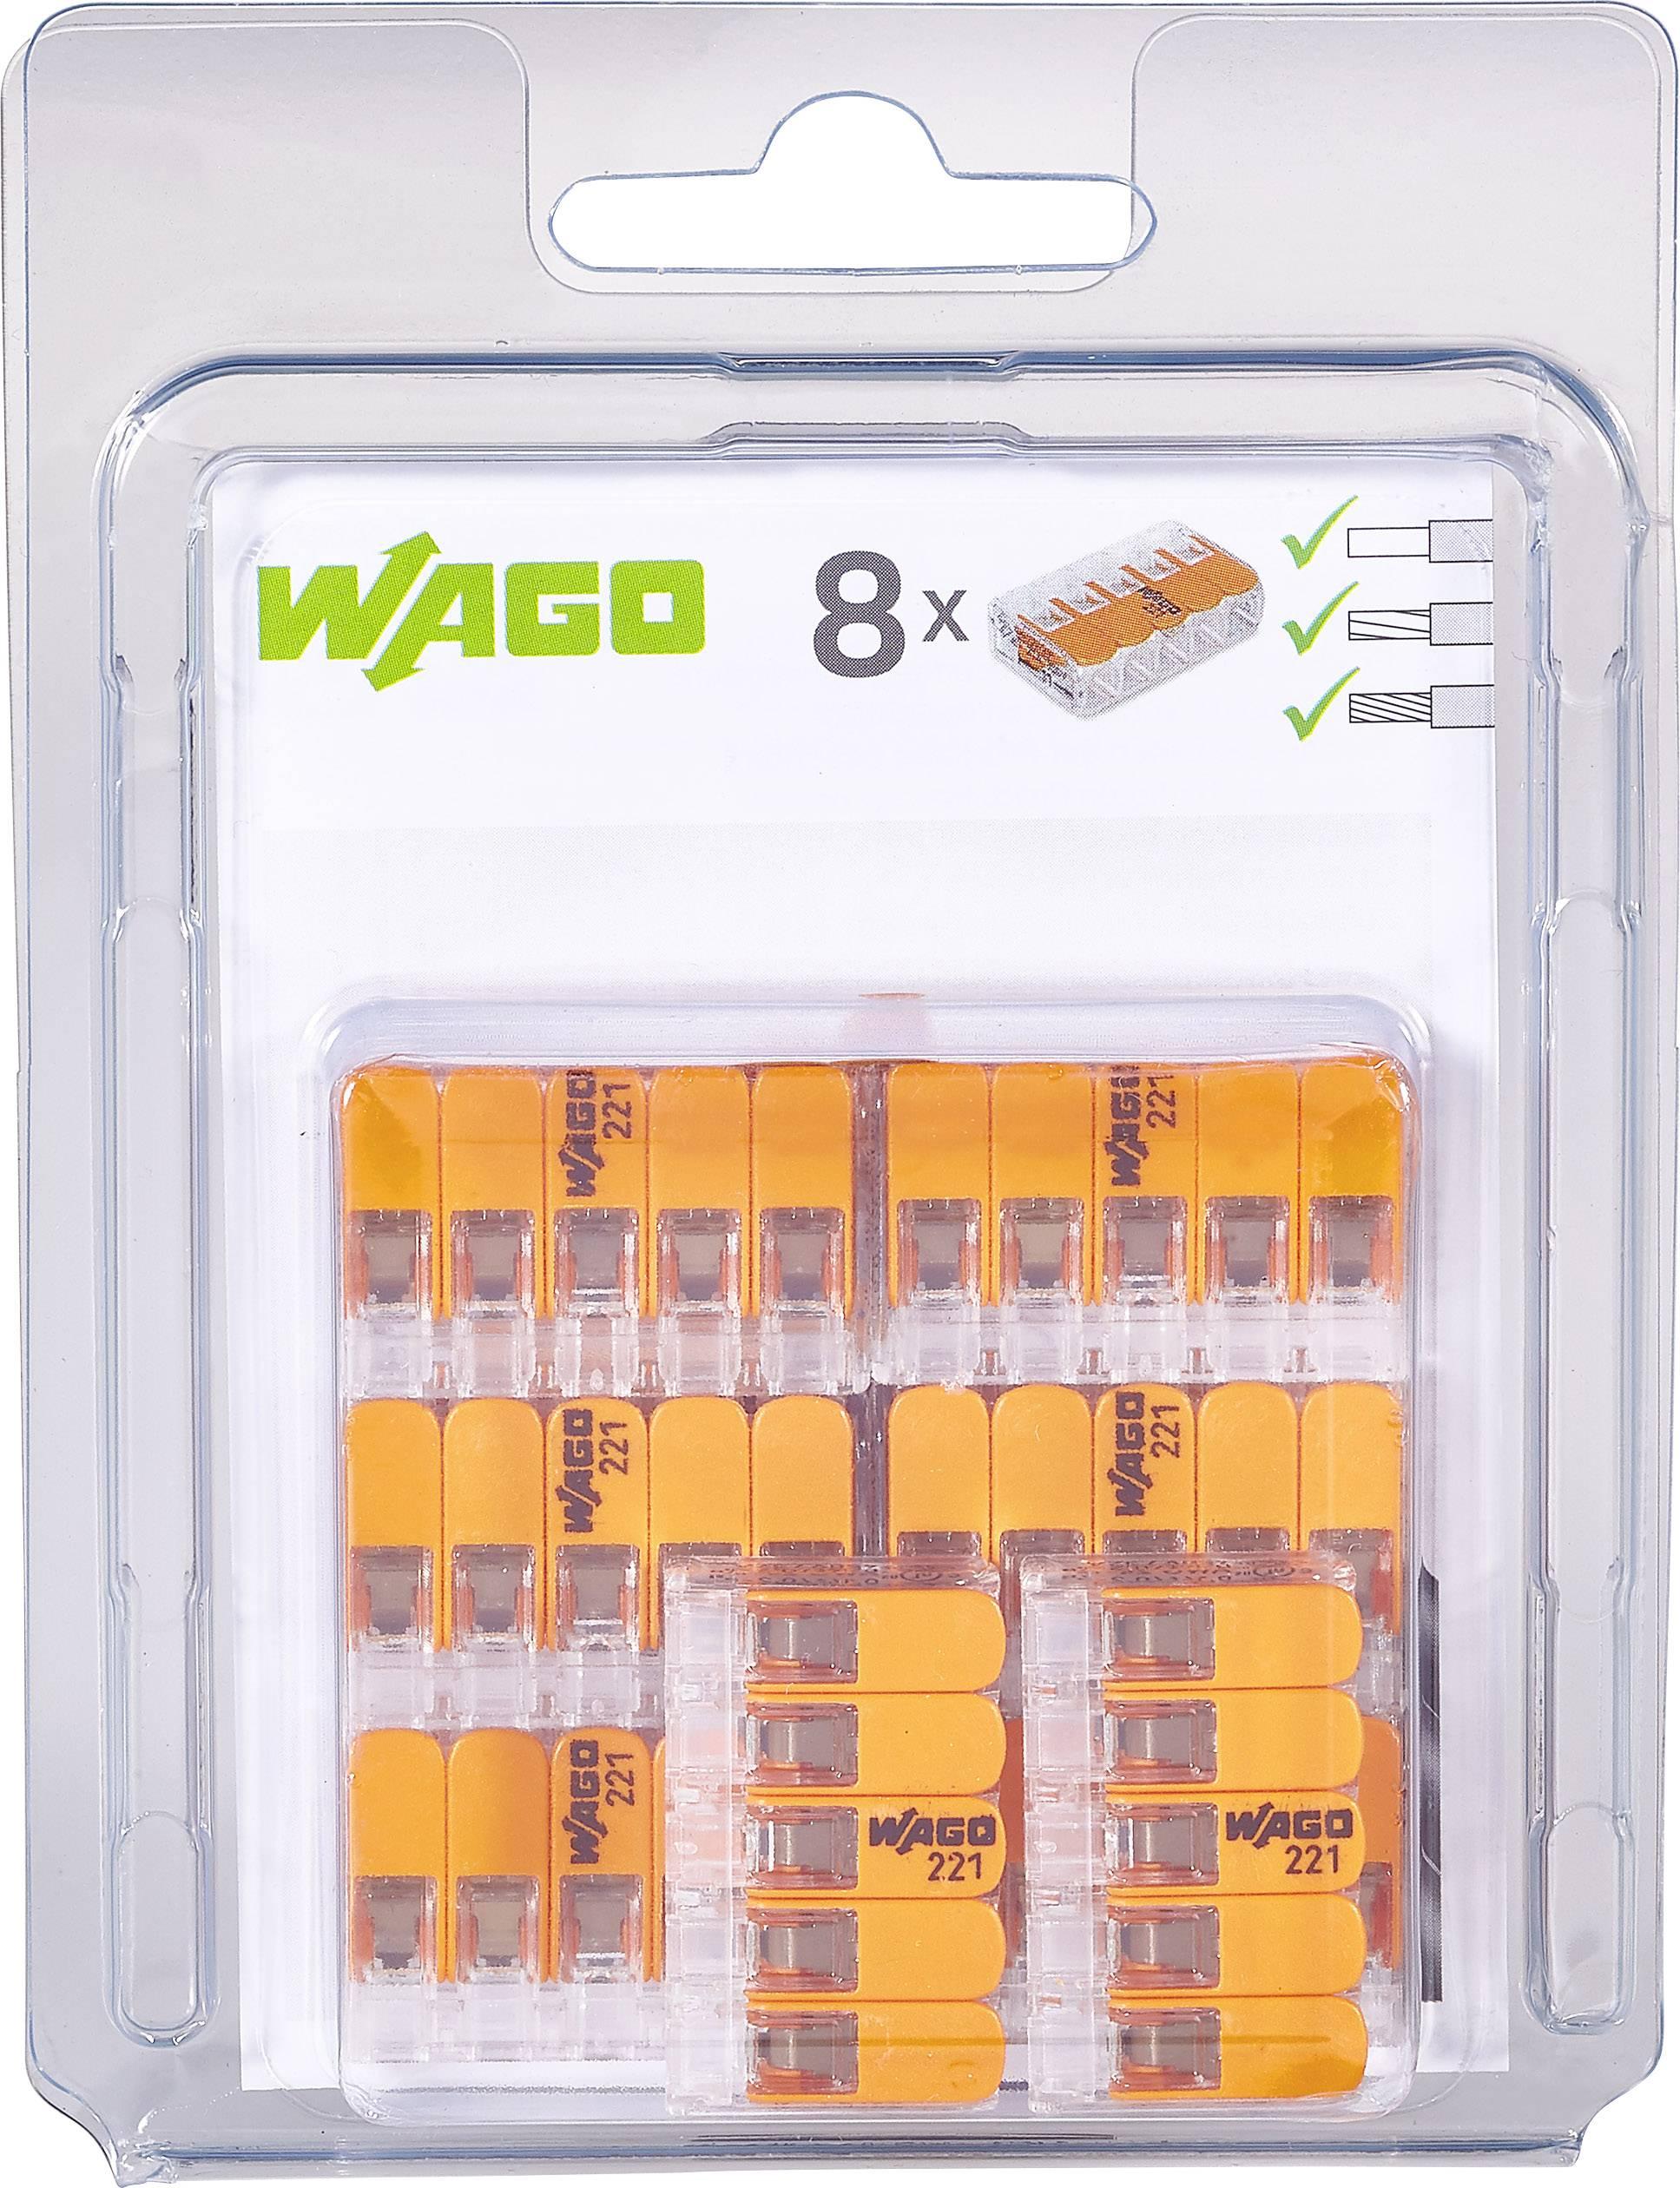 Kabelová svorka WAGO 221-415/996-008 pro kabel o rozměru 0.14-4 mm², pólů 5, 8 ks, transparentní, oranžová